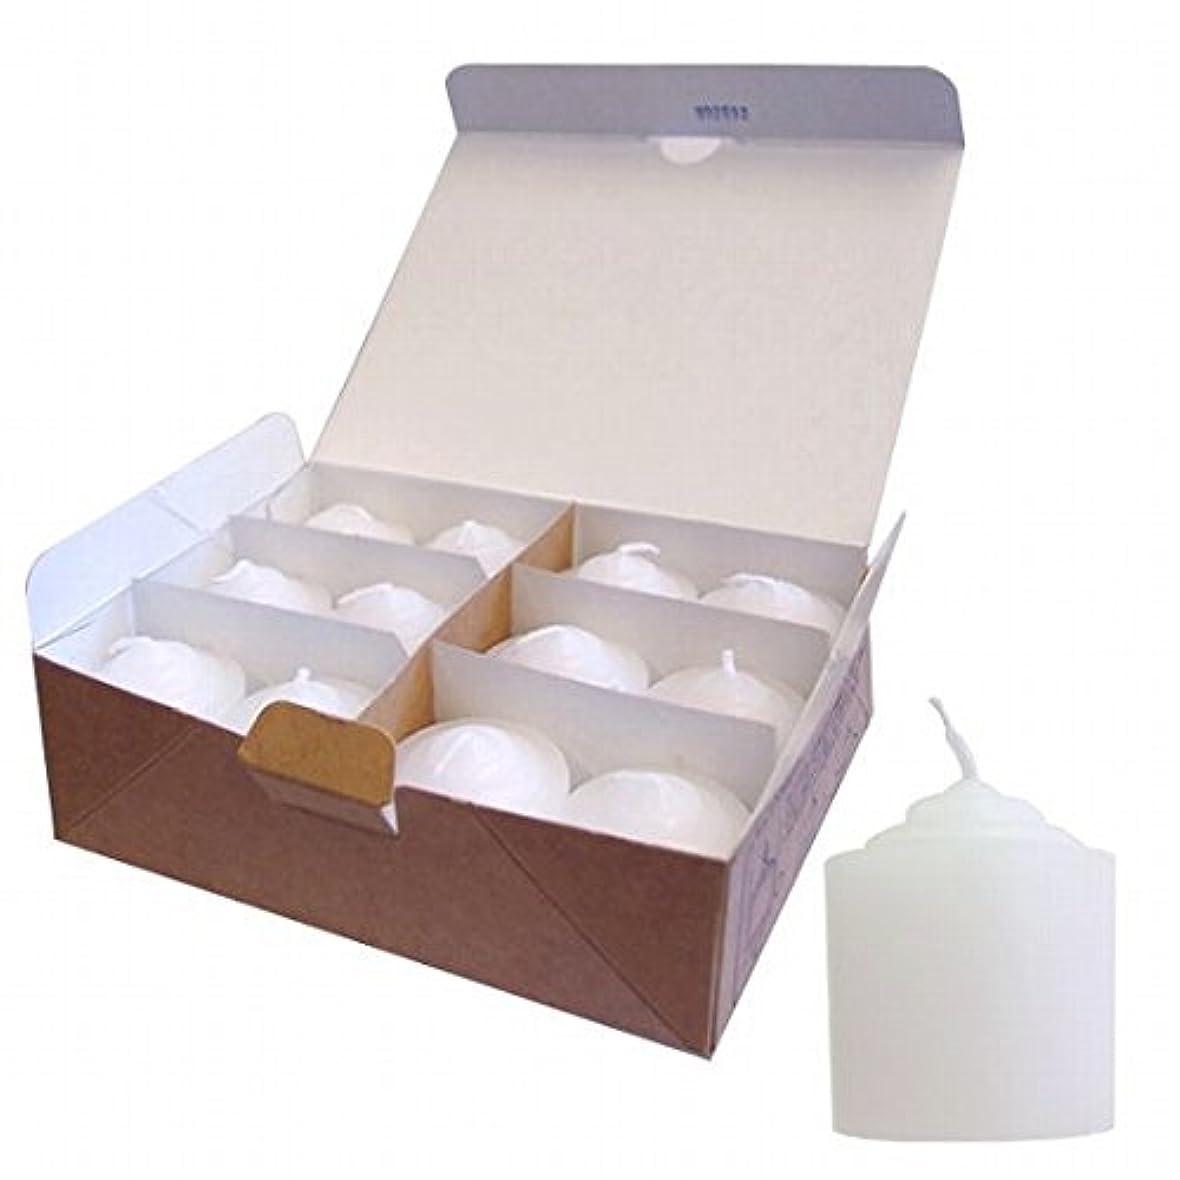 画像聴覚確認するカメヤマキャンドル( kameyama candle ) 8Hライト(8時間タイプ)12個入り